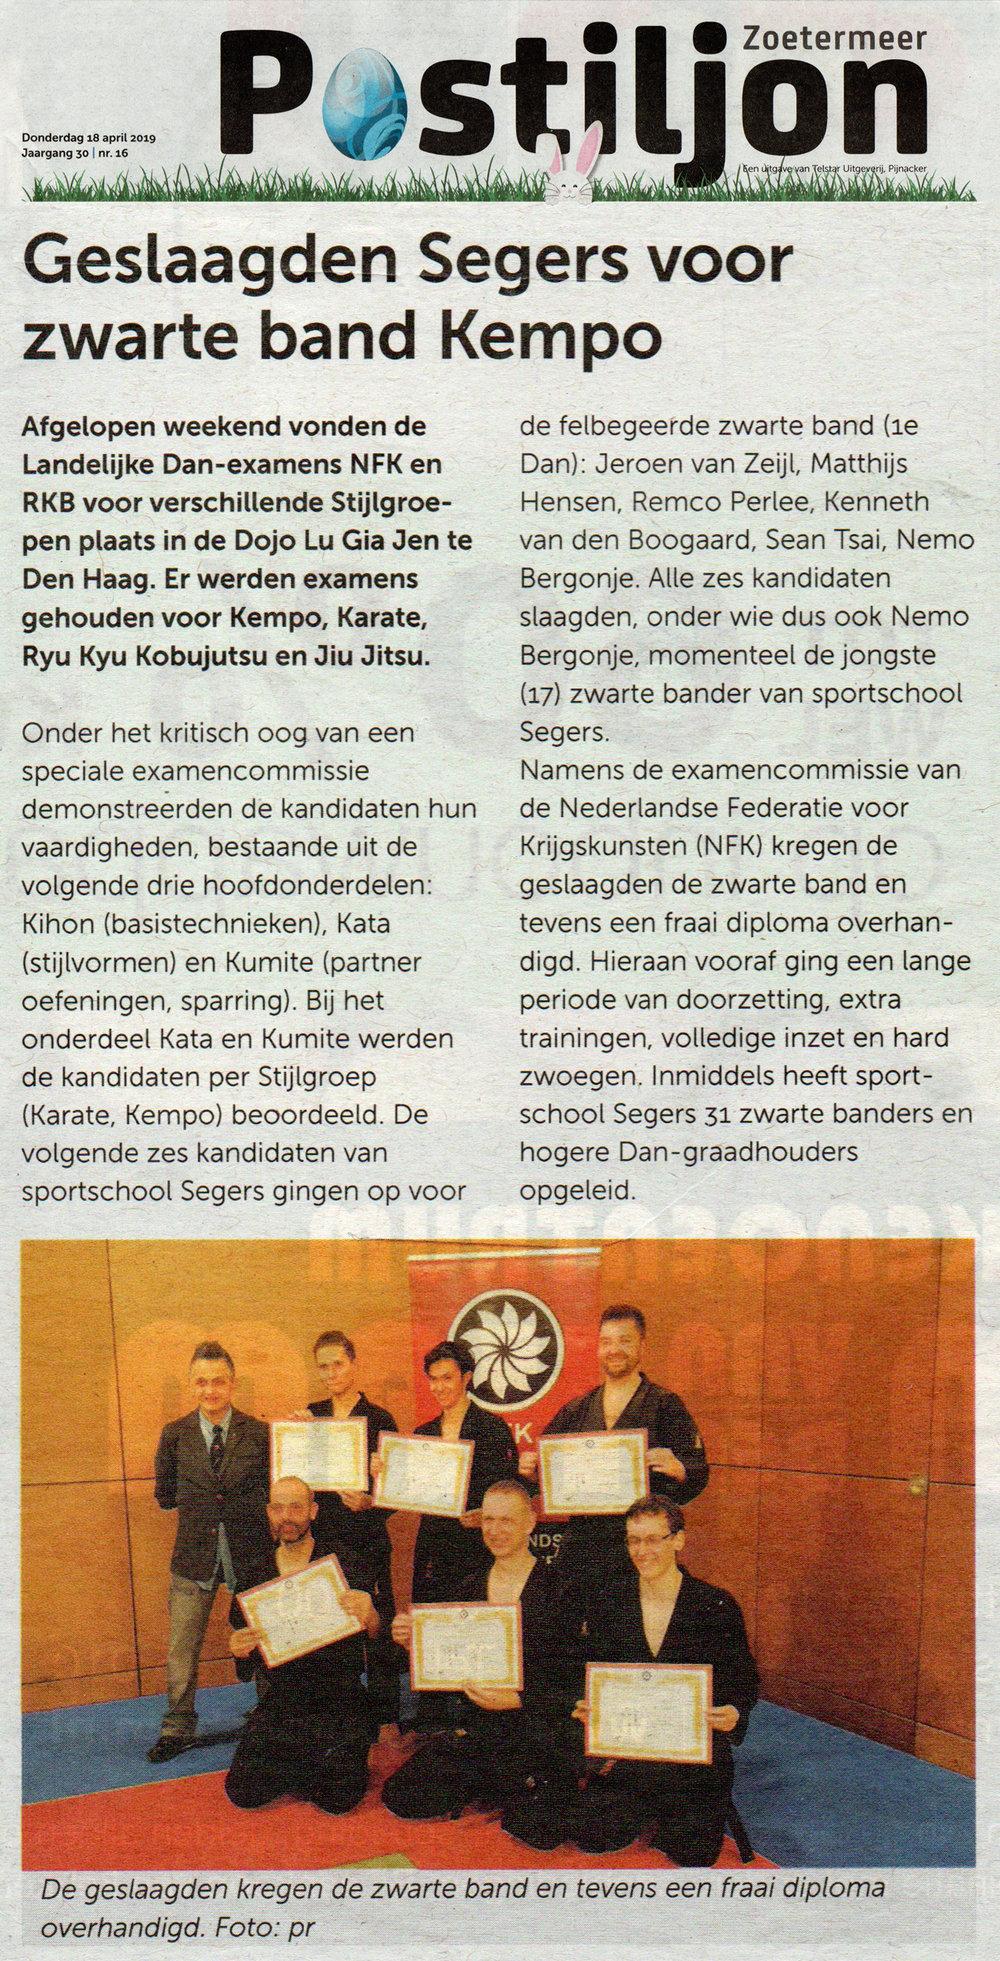 2019-04-18 De Postiljon Geslaagden Segers voor Zwarte Band Kempo.jpg